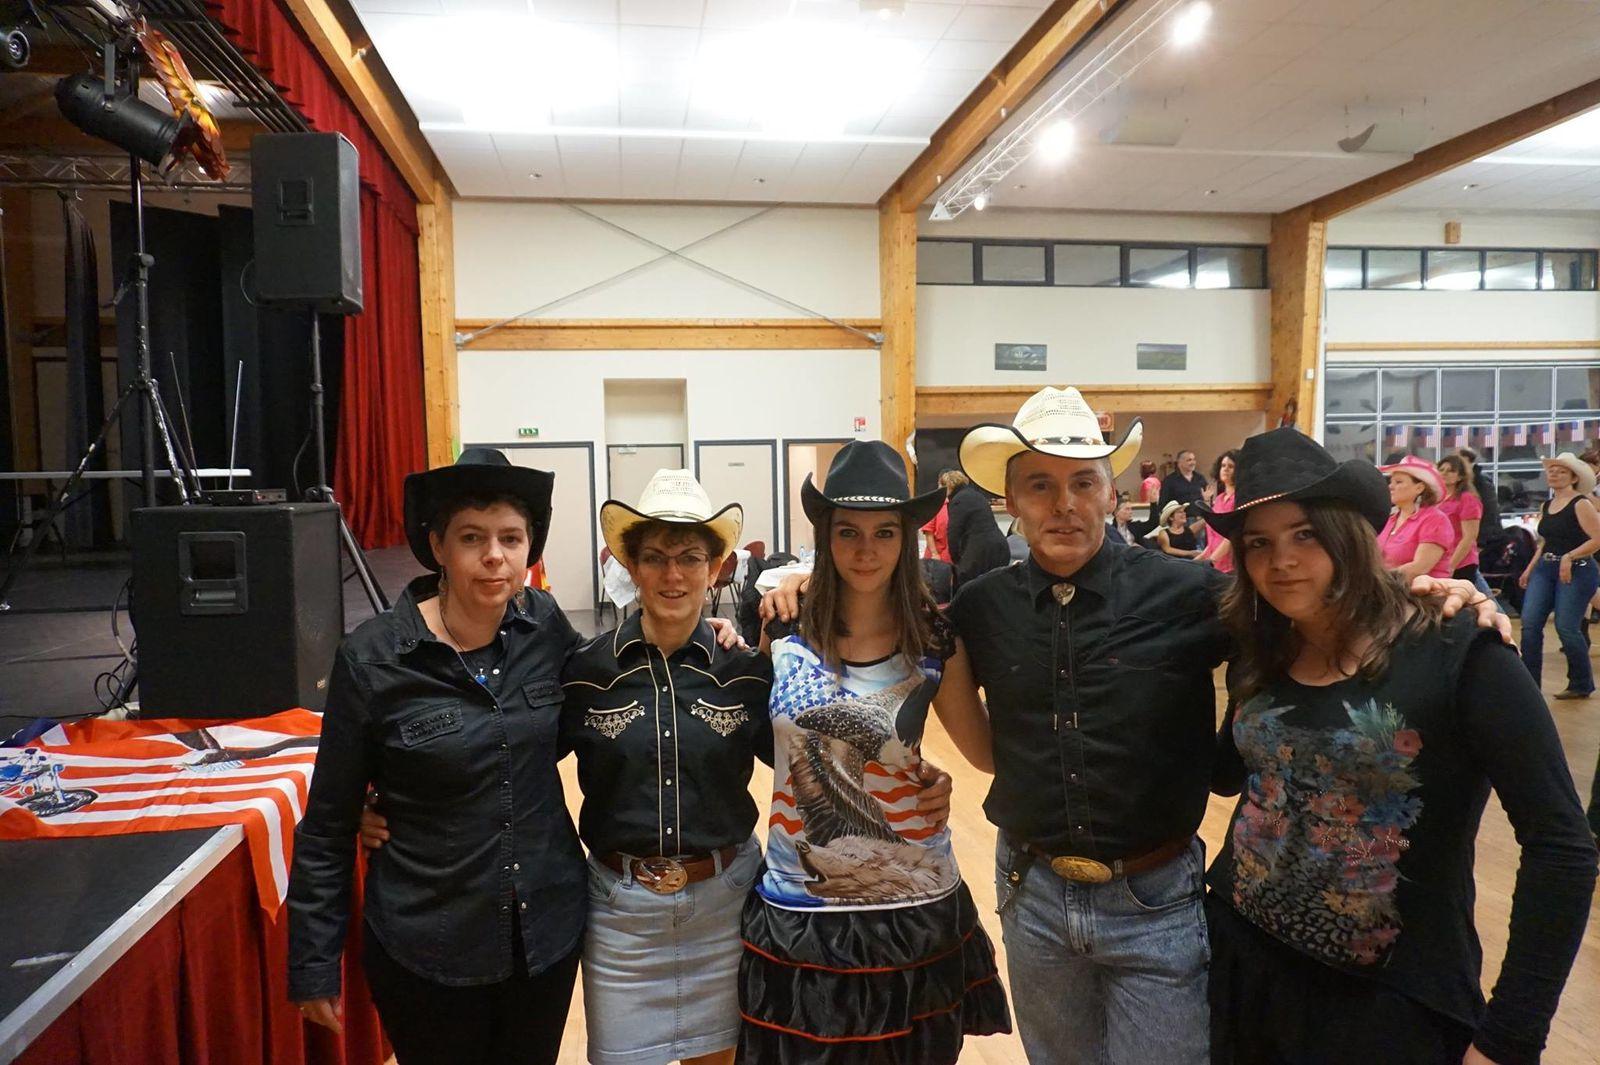 Très belle soirée country à Varennes-Changy, animé par Magali de l'OAC Country de Chevillon sur Huillard, belle organisation des Parents d'Eleves de Chailly en Gâtinais et de Thimory, merci a tous.